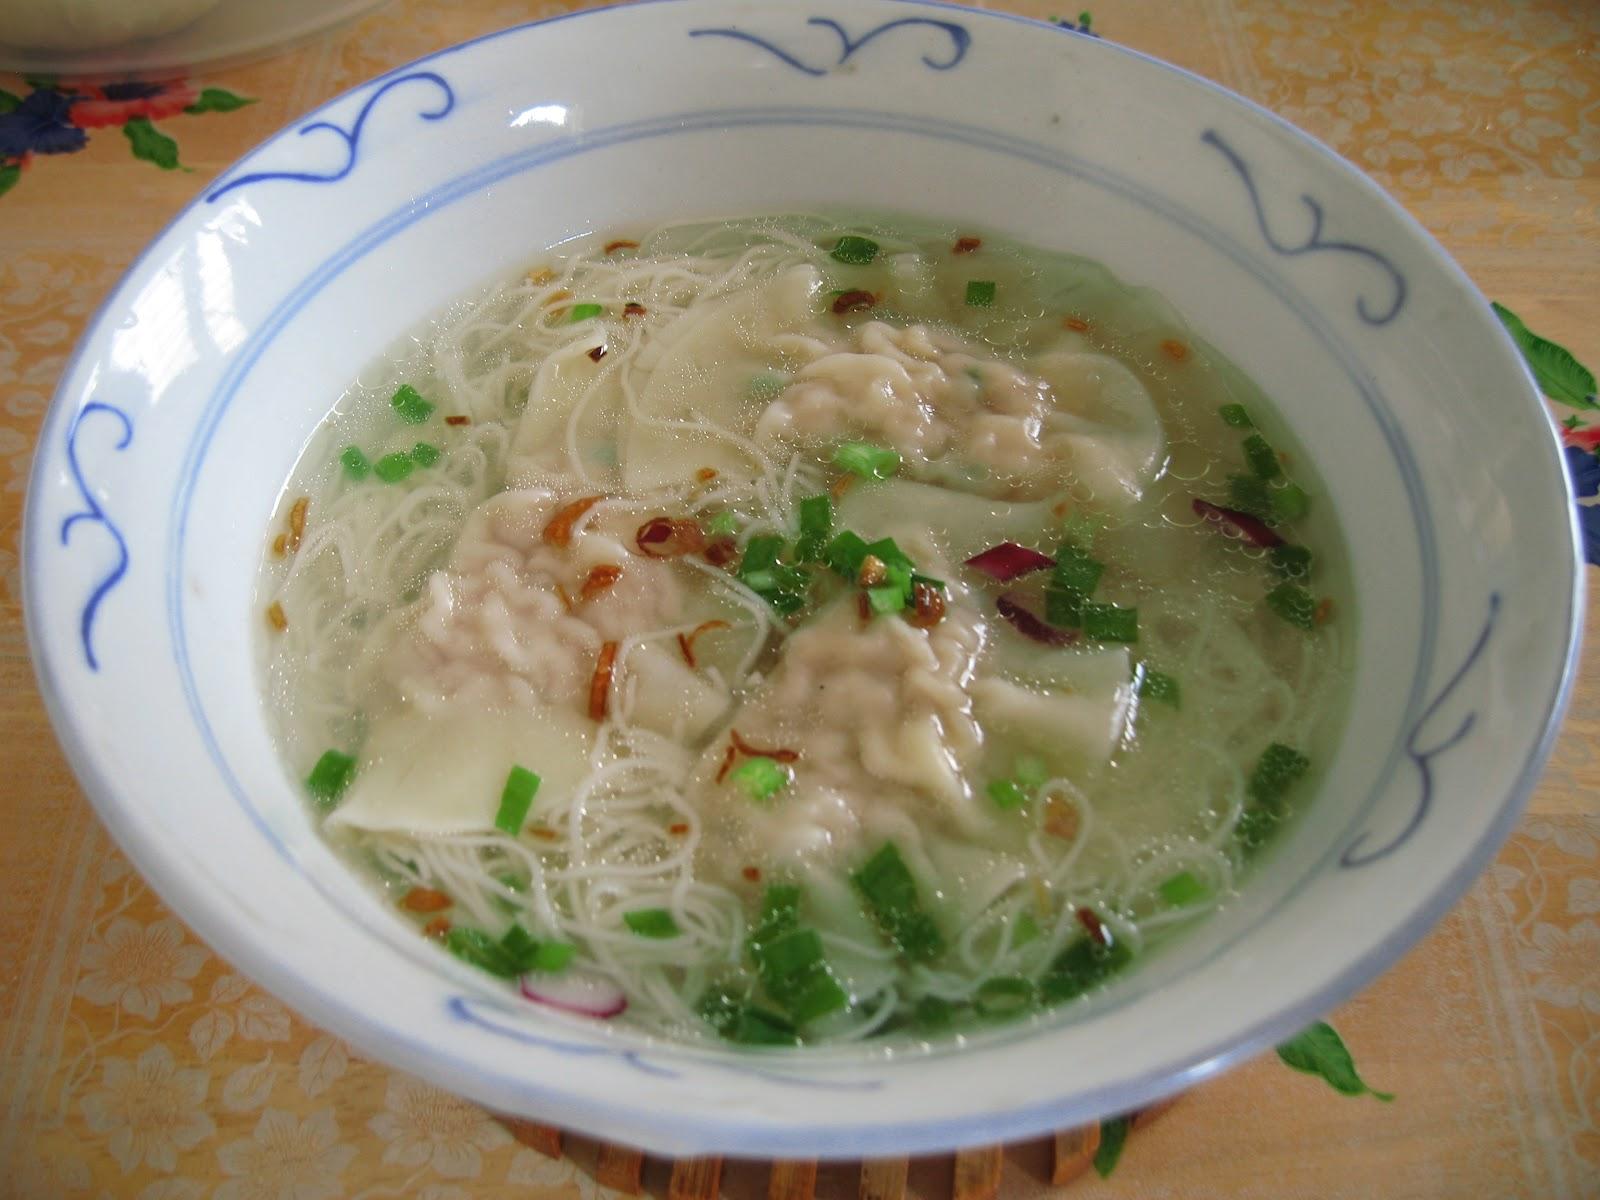 Sumptuous Flavours: Mee Suah Soup With Sui Kow Dumplings